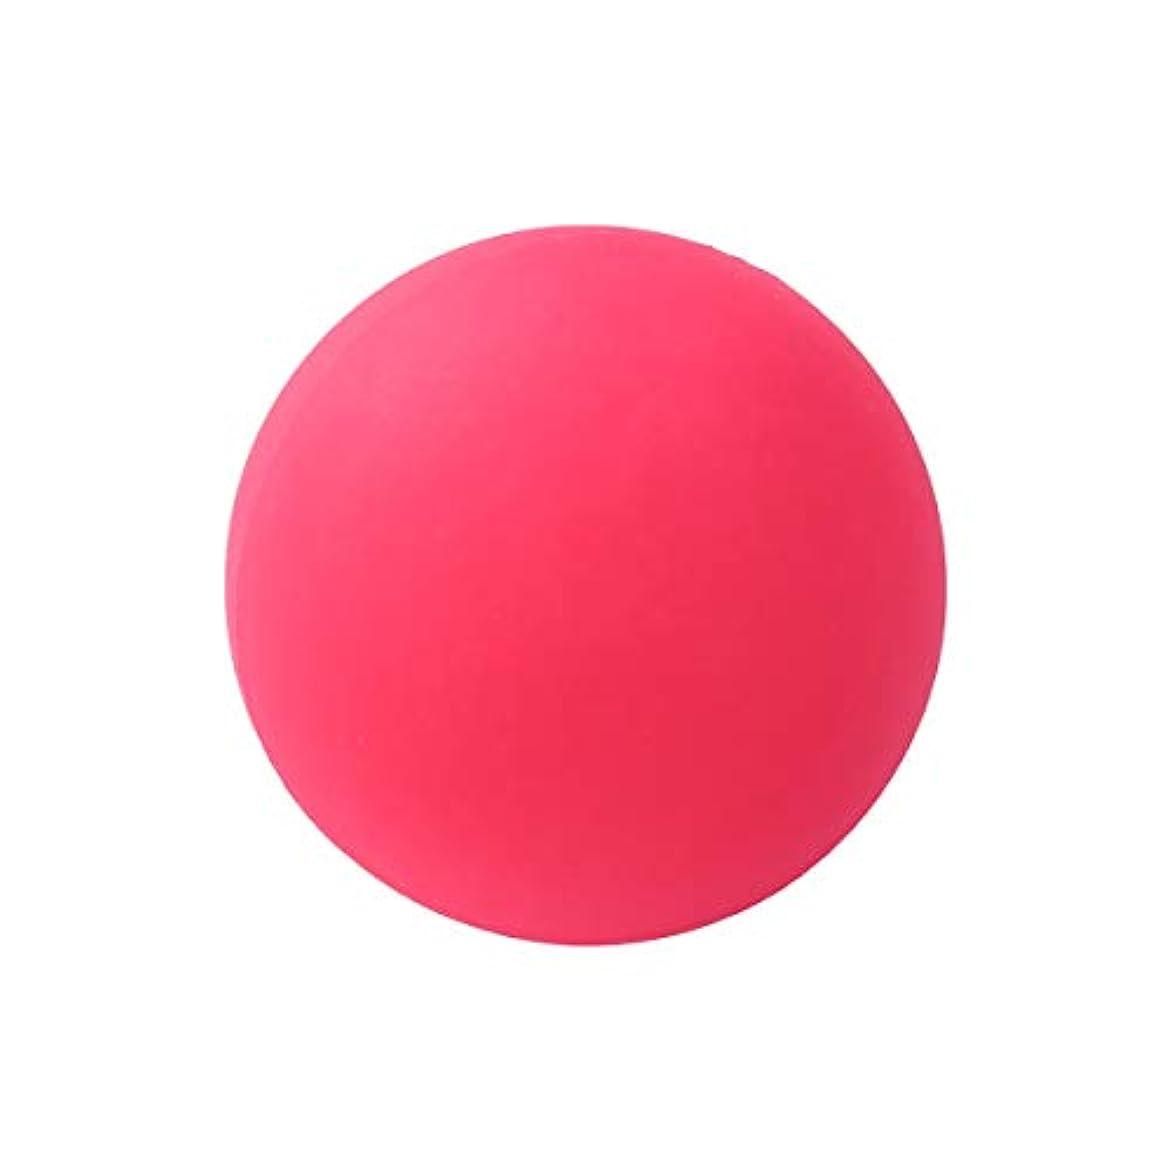 固執自分自身送信するVORCOOL マッサージボール ヨガ ストレッチボール トリガーポイント 筋膜リリース トレーニング 背中 肩こり 腰 ふくらはぎ 足裏 ツボ押しグッズ 物理 マッサージ 療法ボール